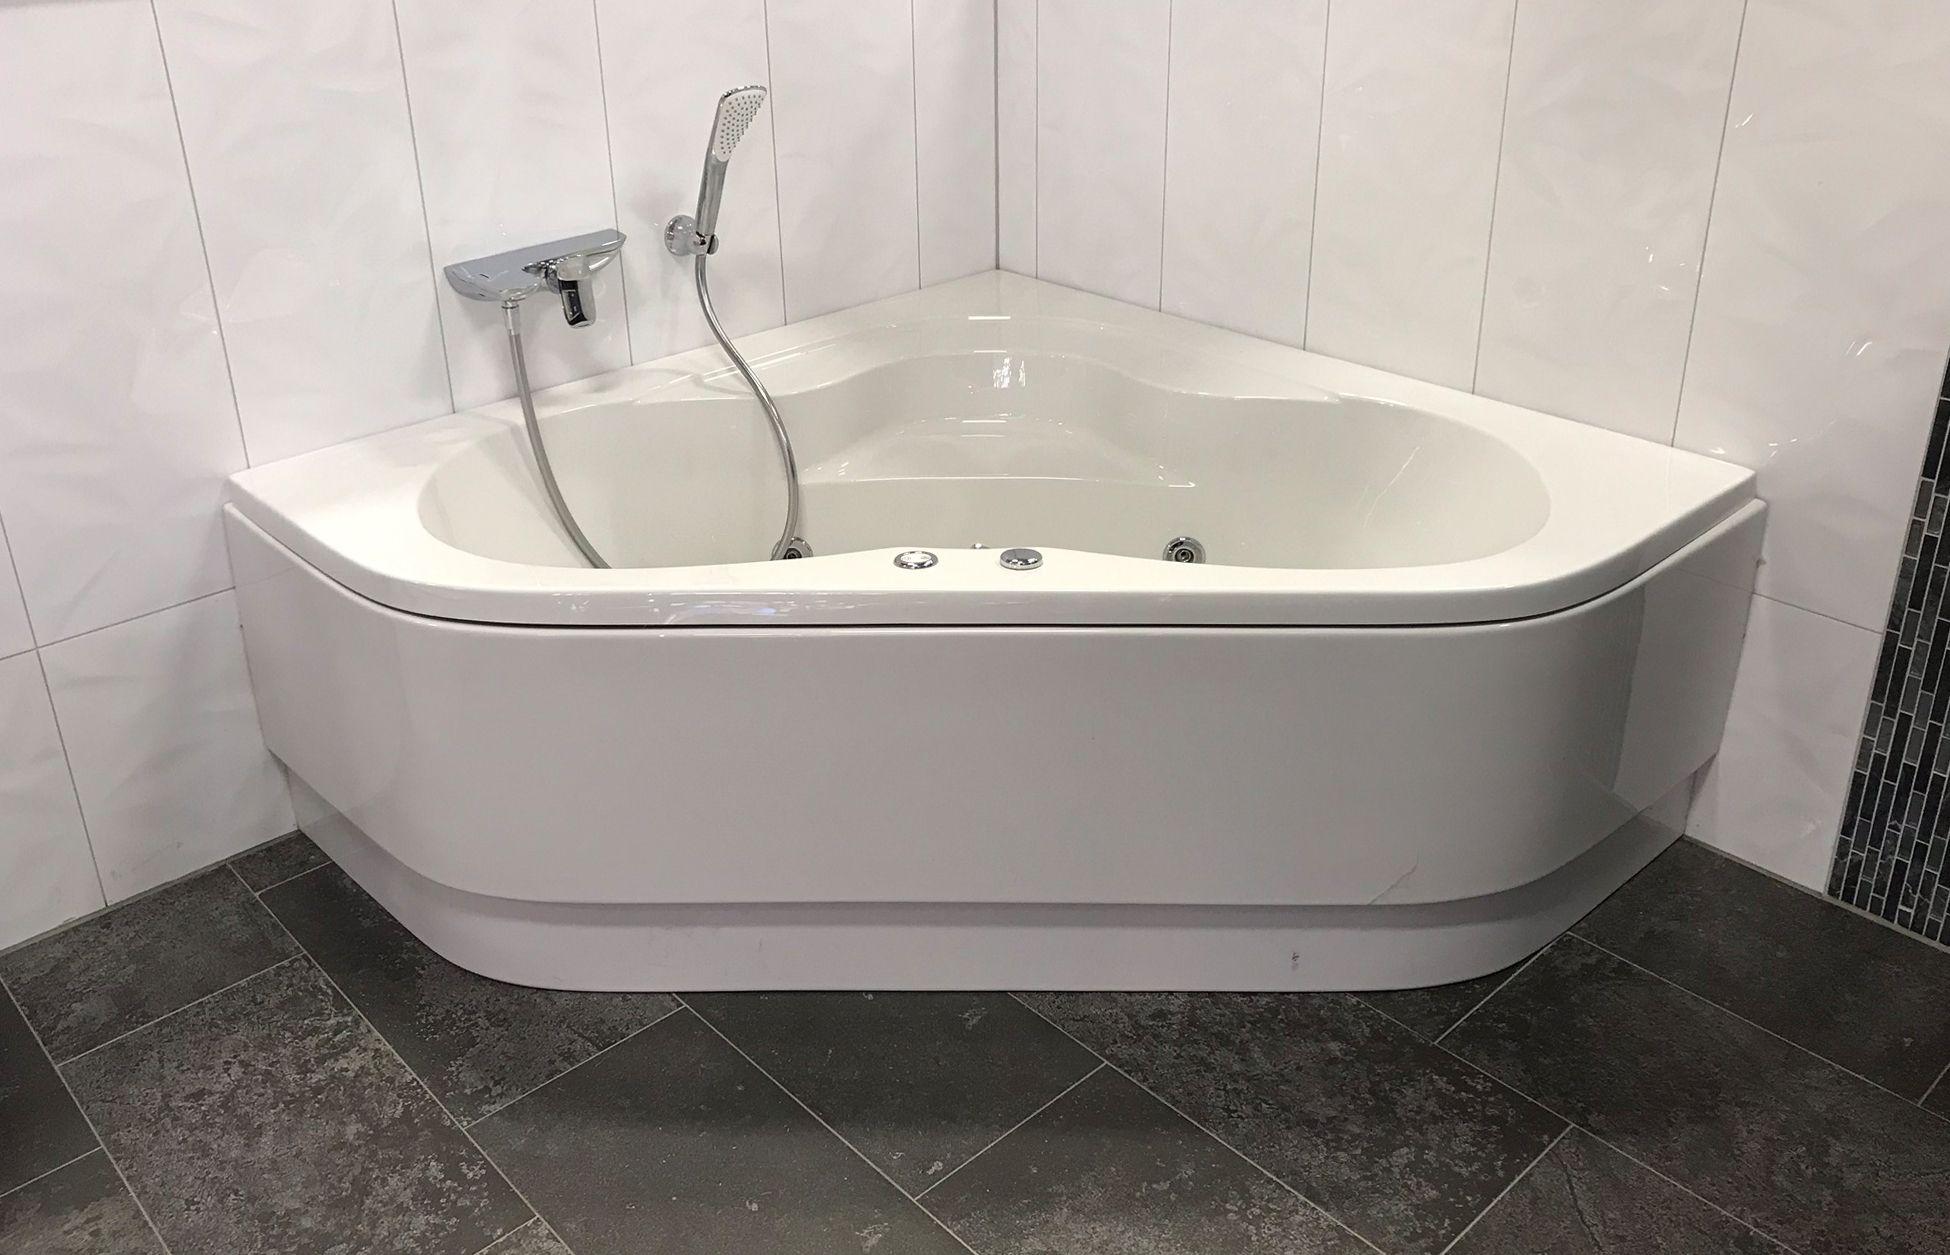 Eckbadewanne Badezimmerideen Wanne Badewannenreparatur